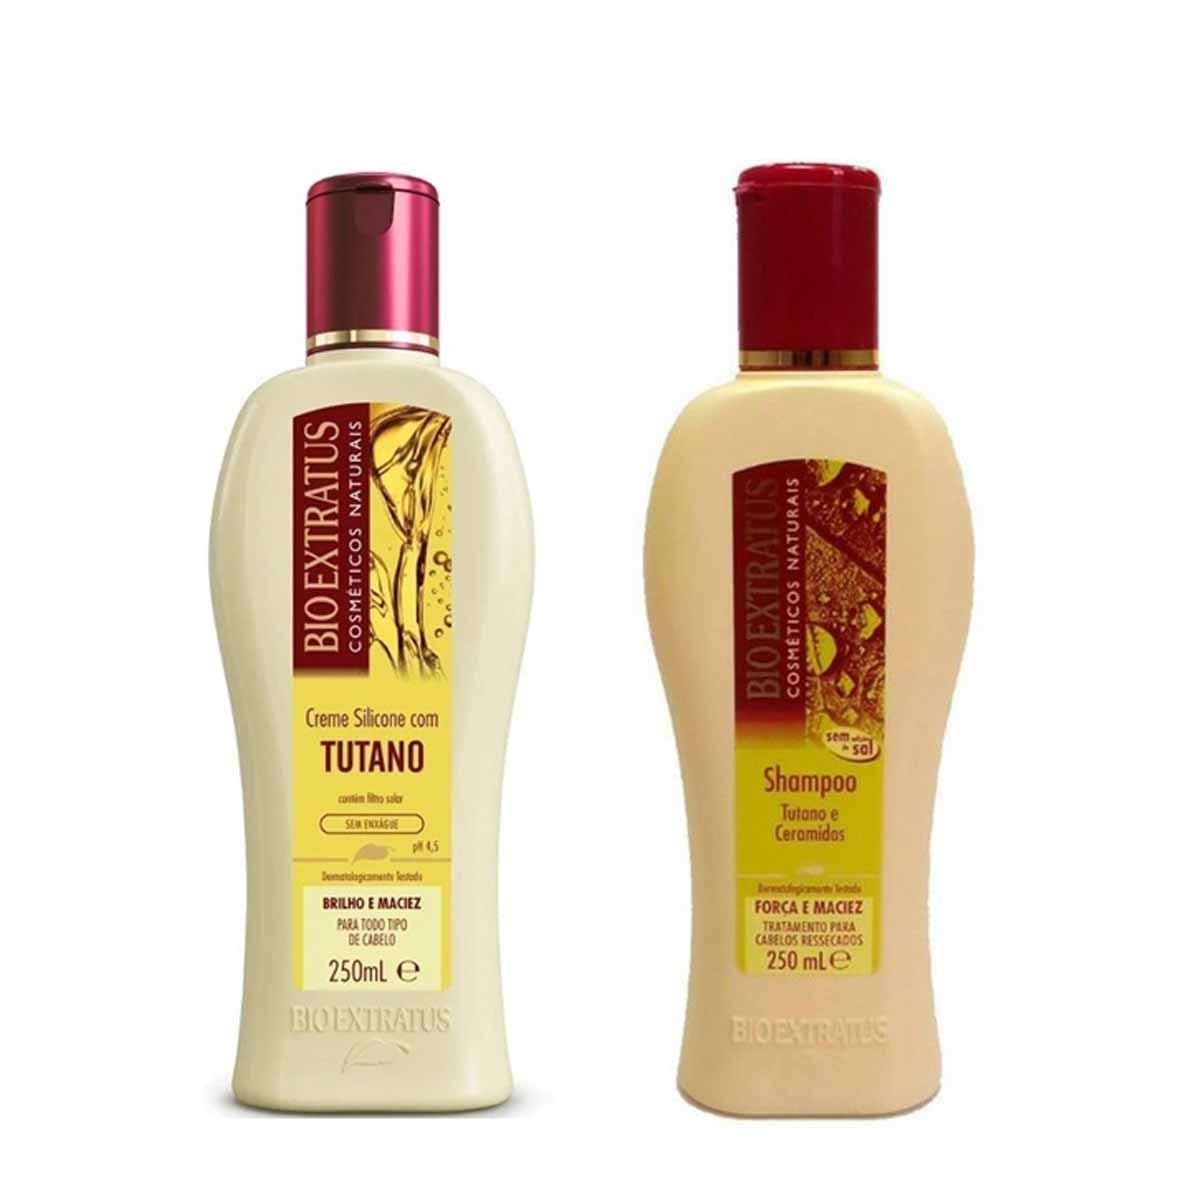 Kit Bio Extratus Tutano Shampoo 250ml e Creme de Silicone 250ml